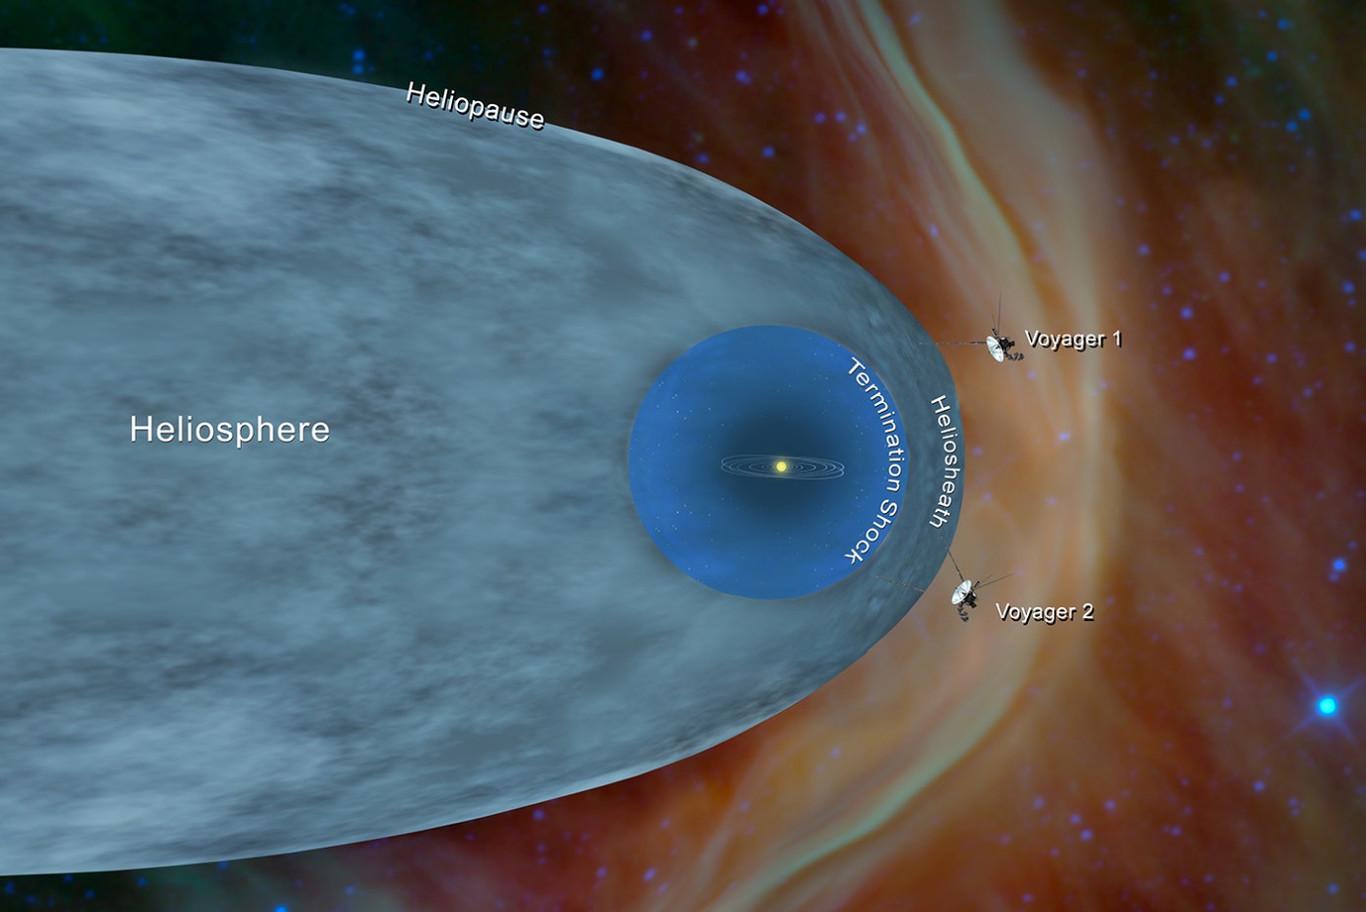 La Voyager 2 logra la hazaña al adentrarse en el espacio interestelar: la misión activa más larga de la NASA